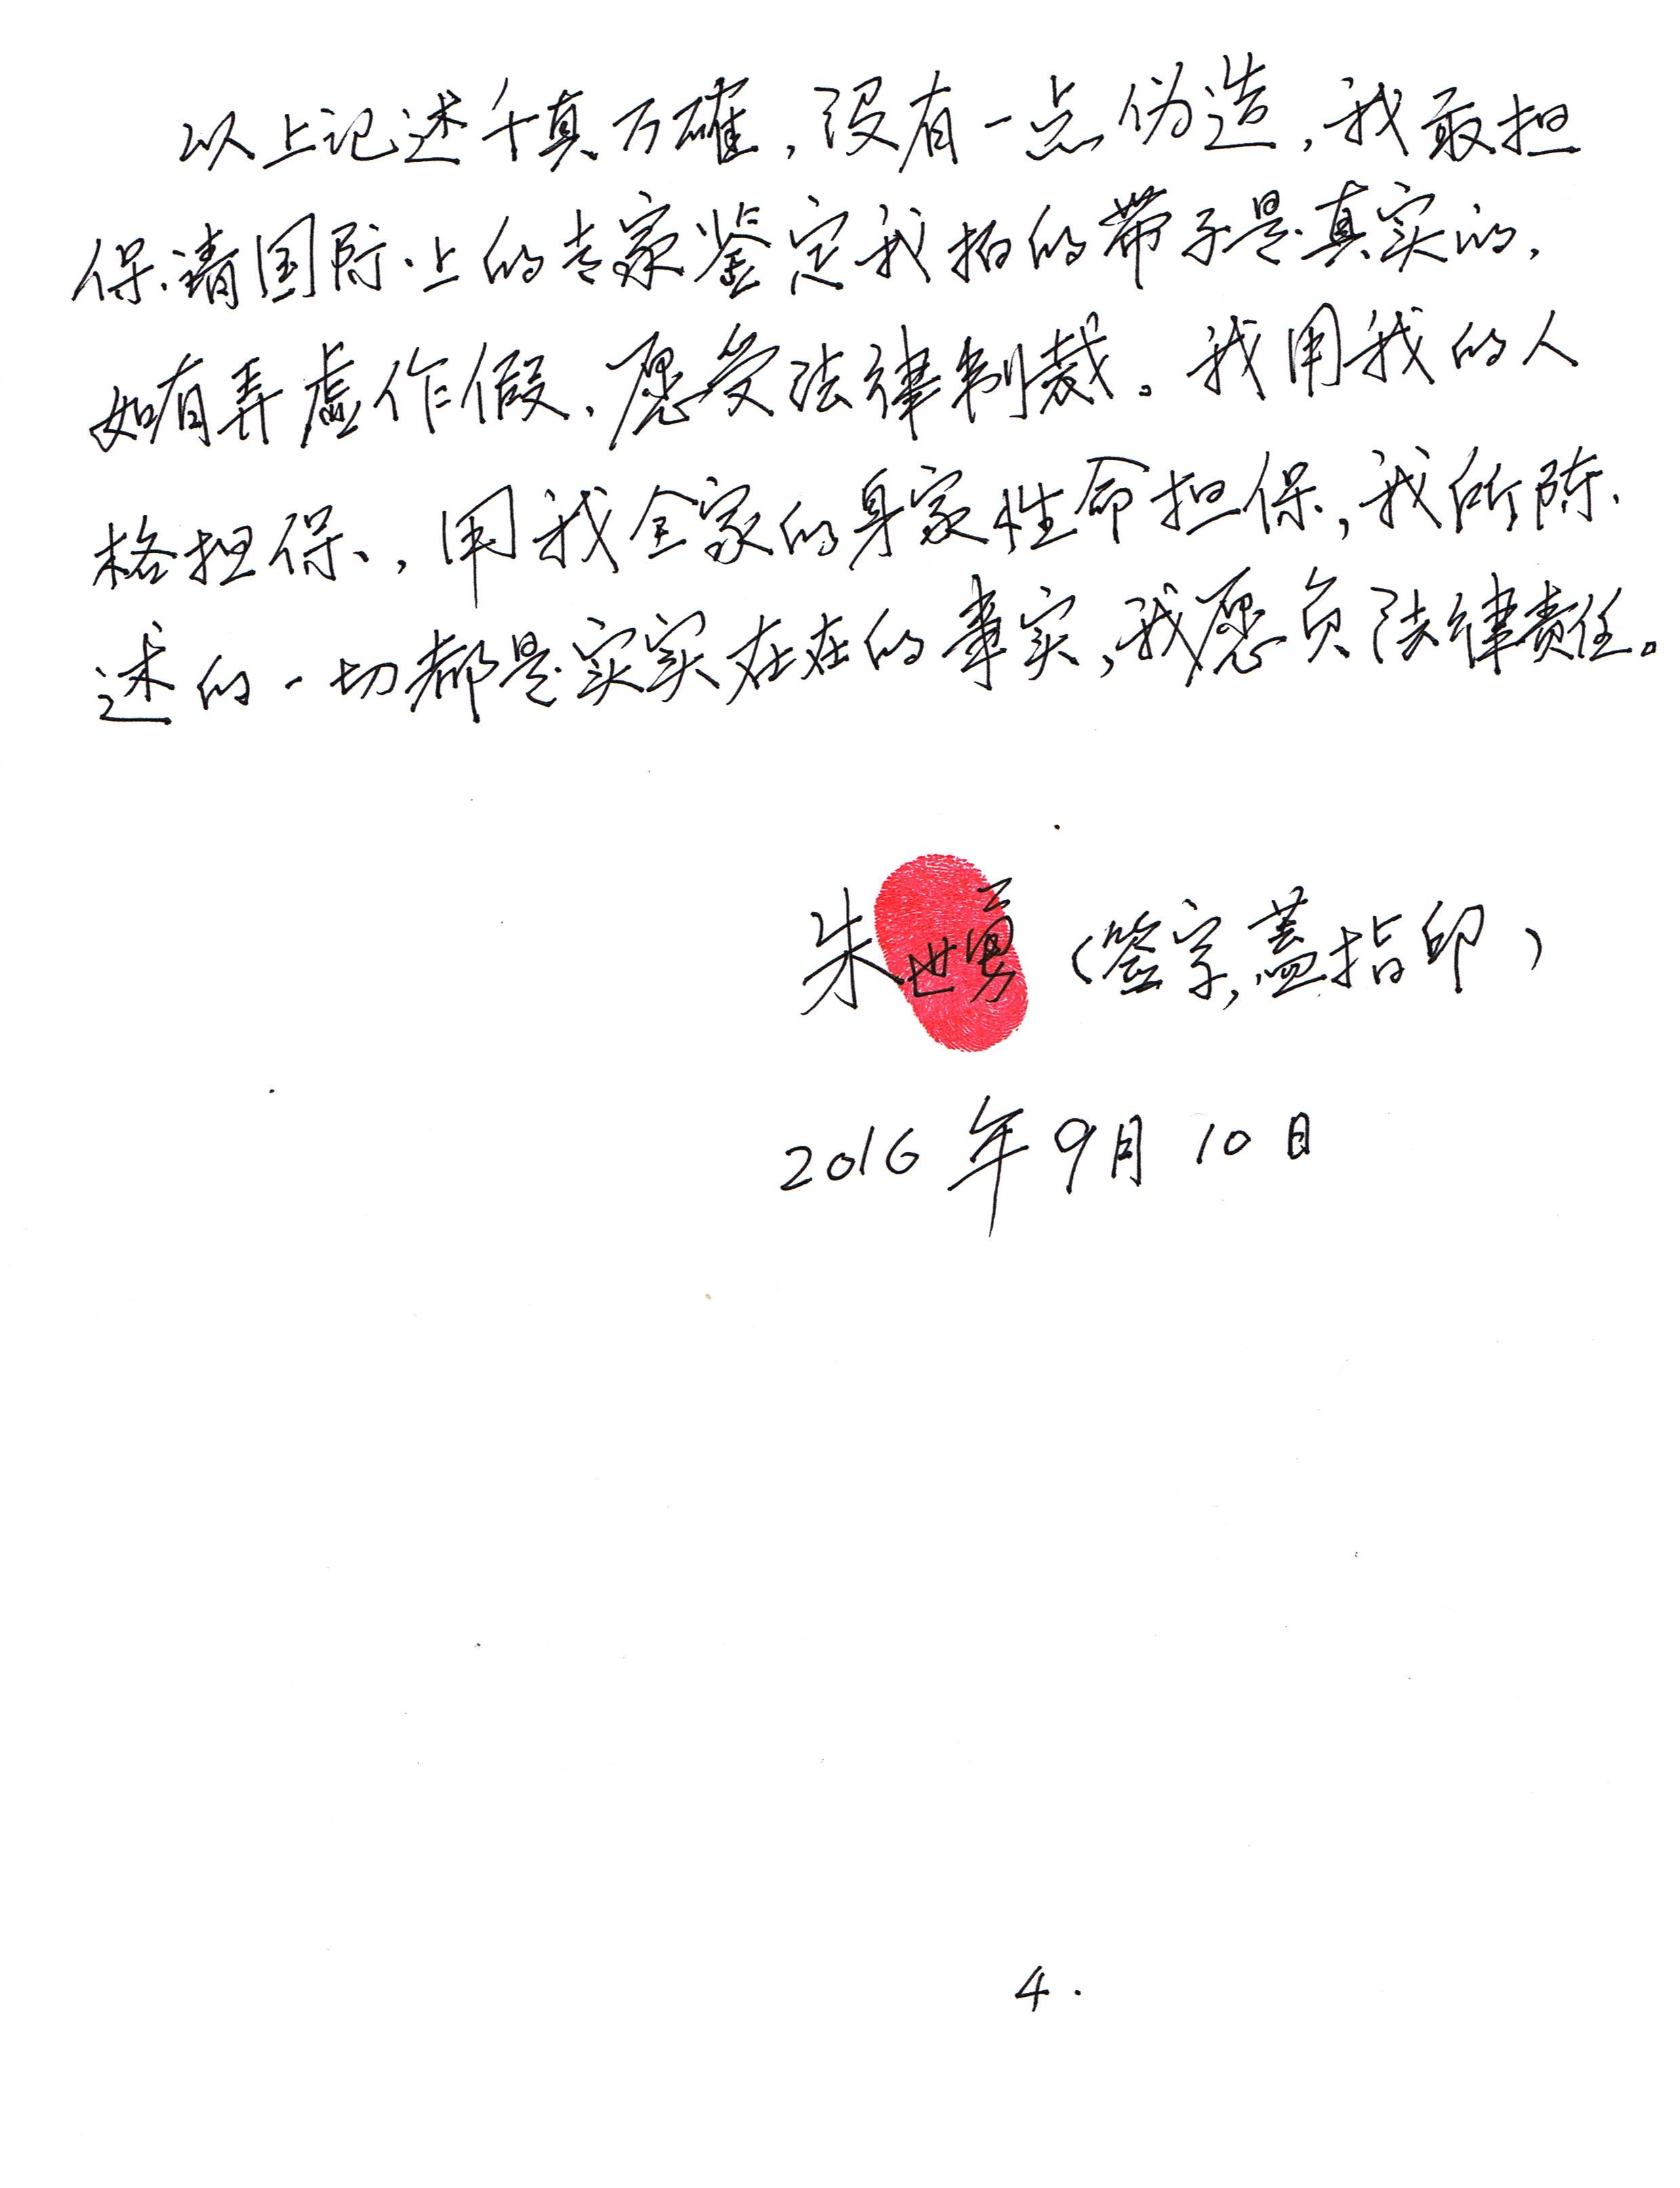 中国佛教第一高僧清定法师拜南无第三世多杰羌佛为师 第8张